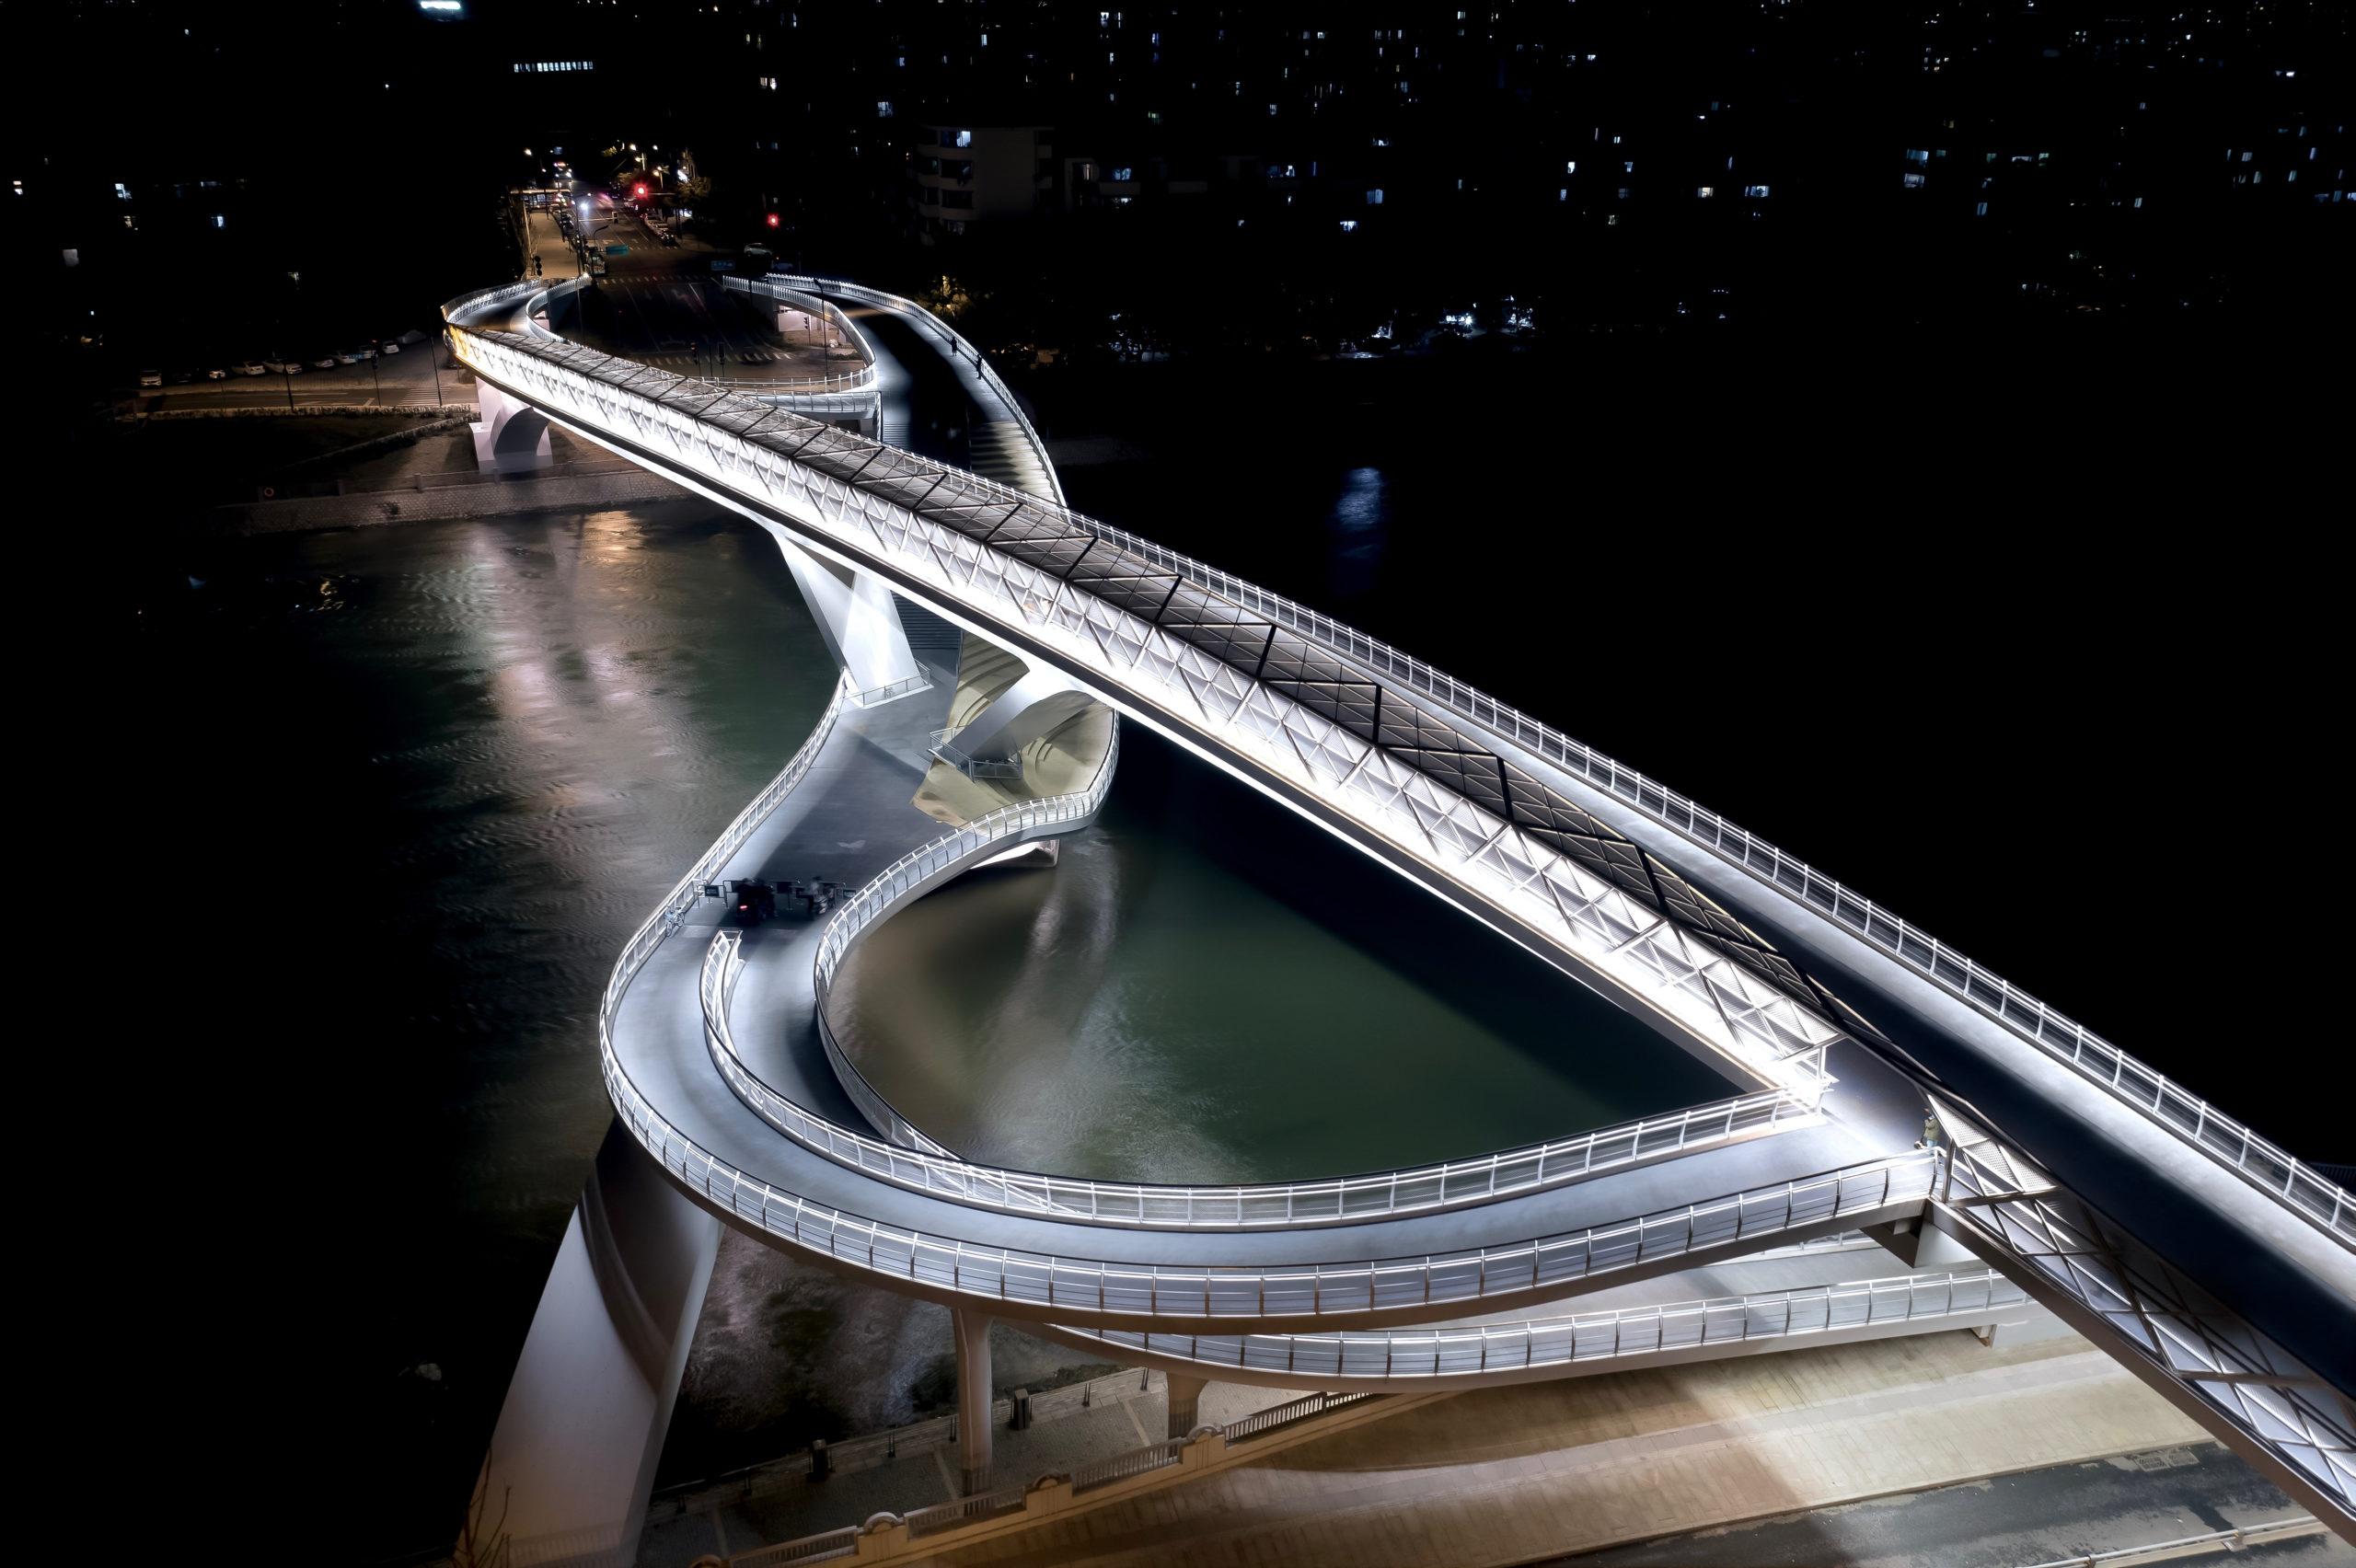 五岔子大橋 Wuchazi Bridge night view